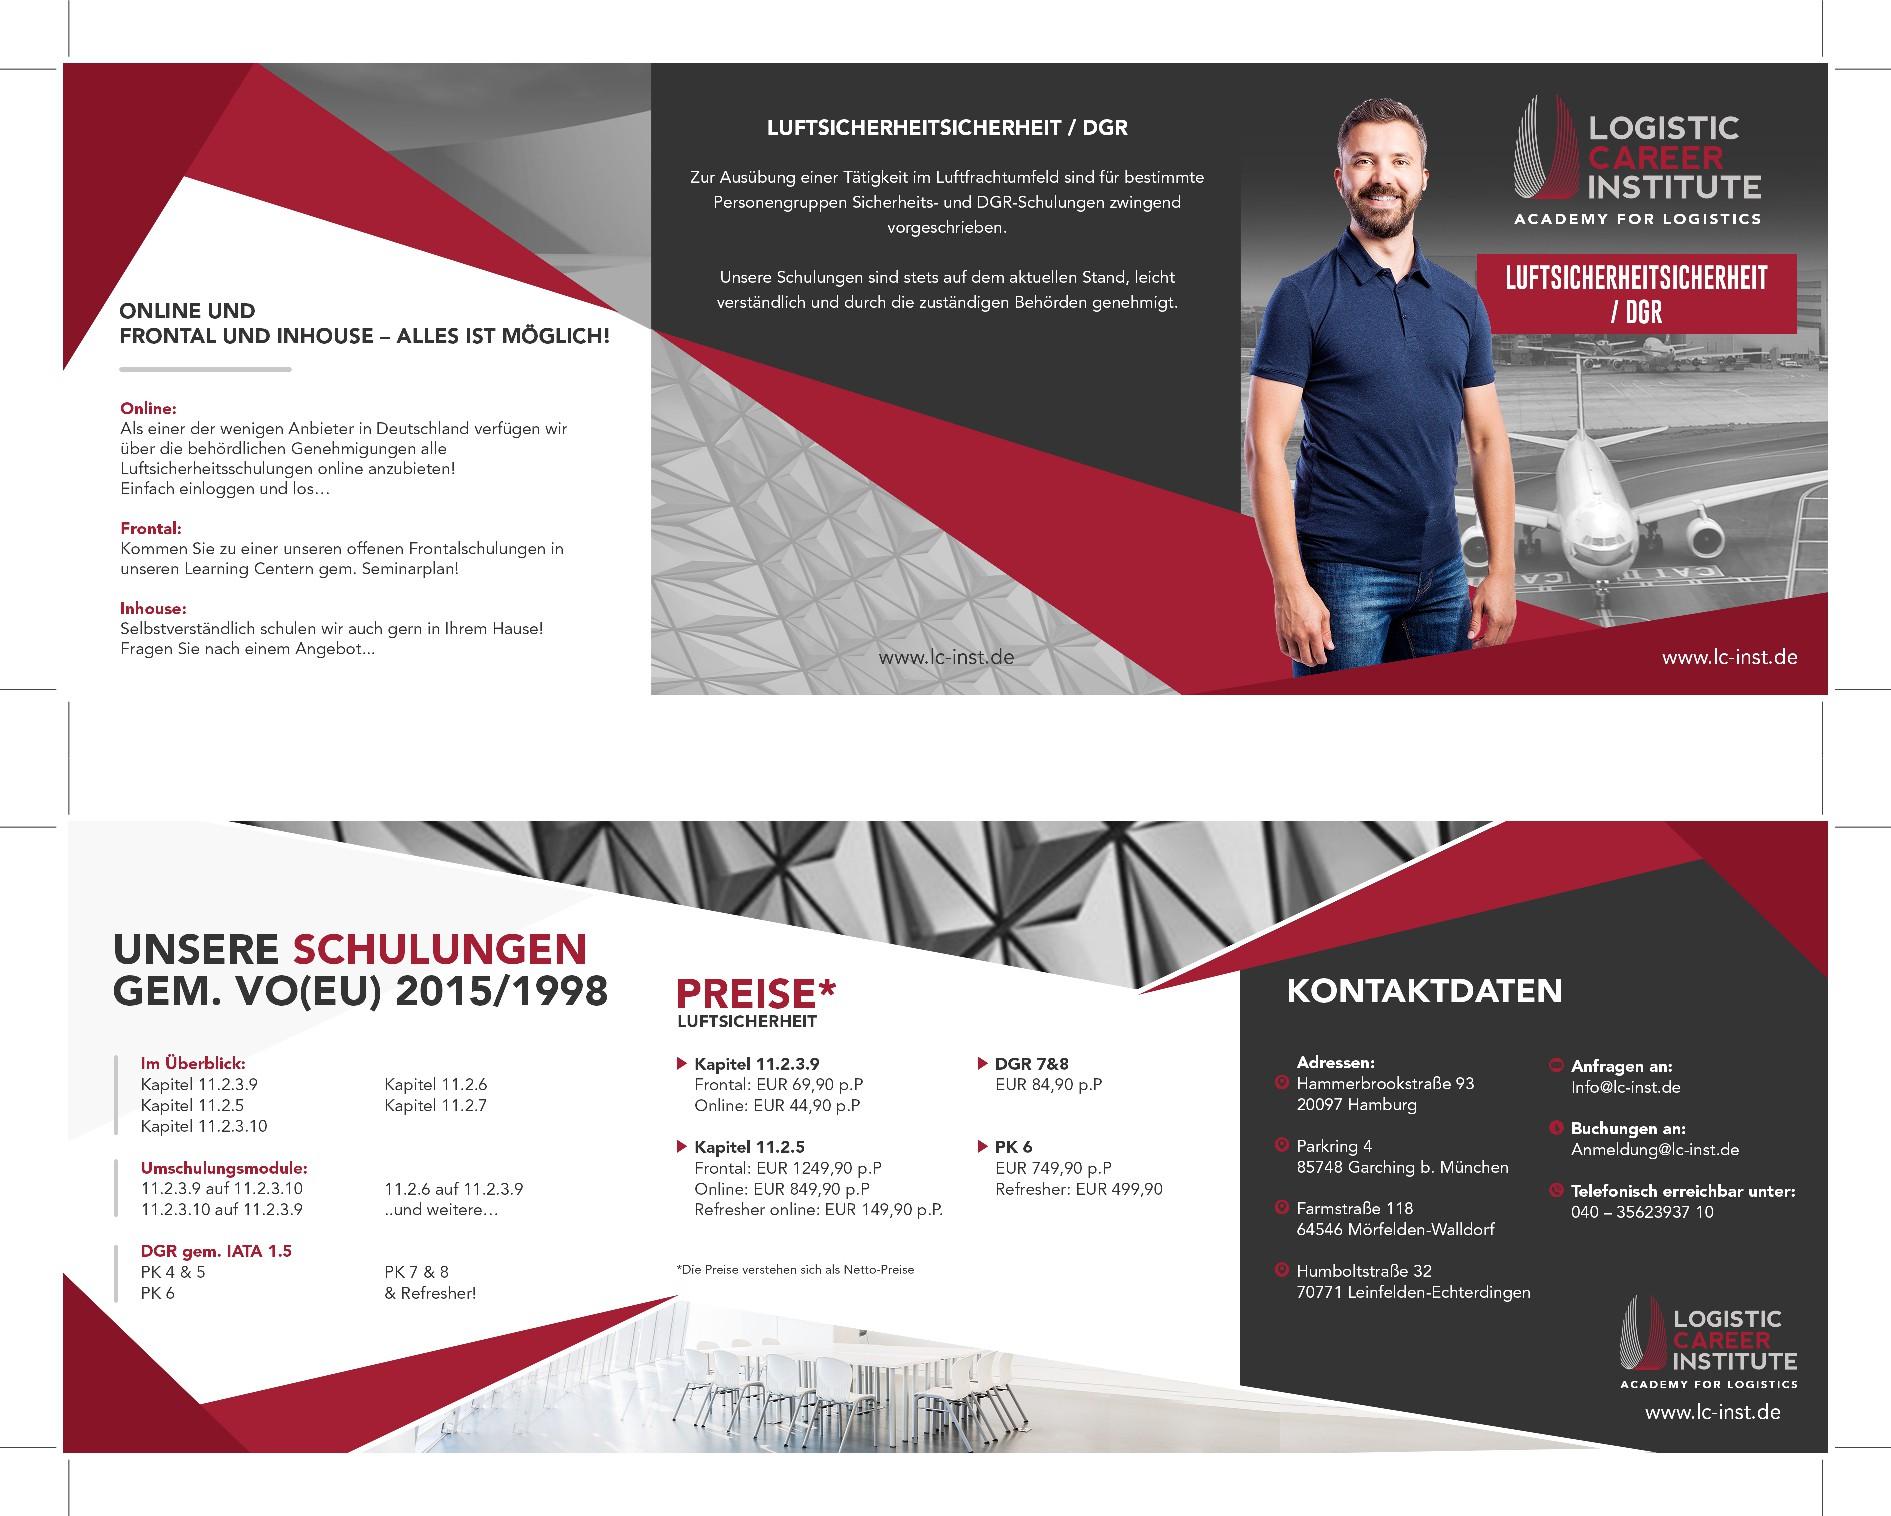 Flyer für ein modernes Learning-Institute: Luftsicherheit